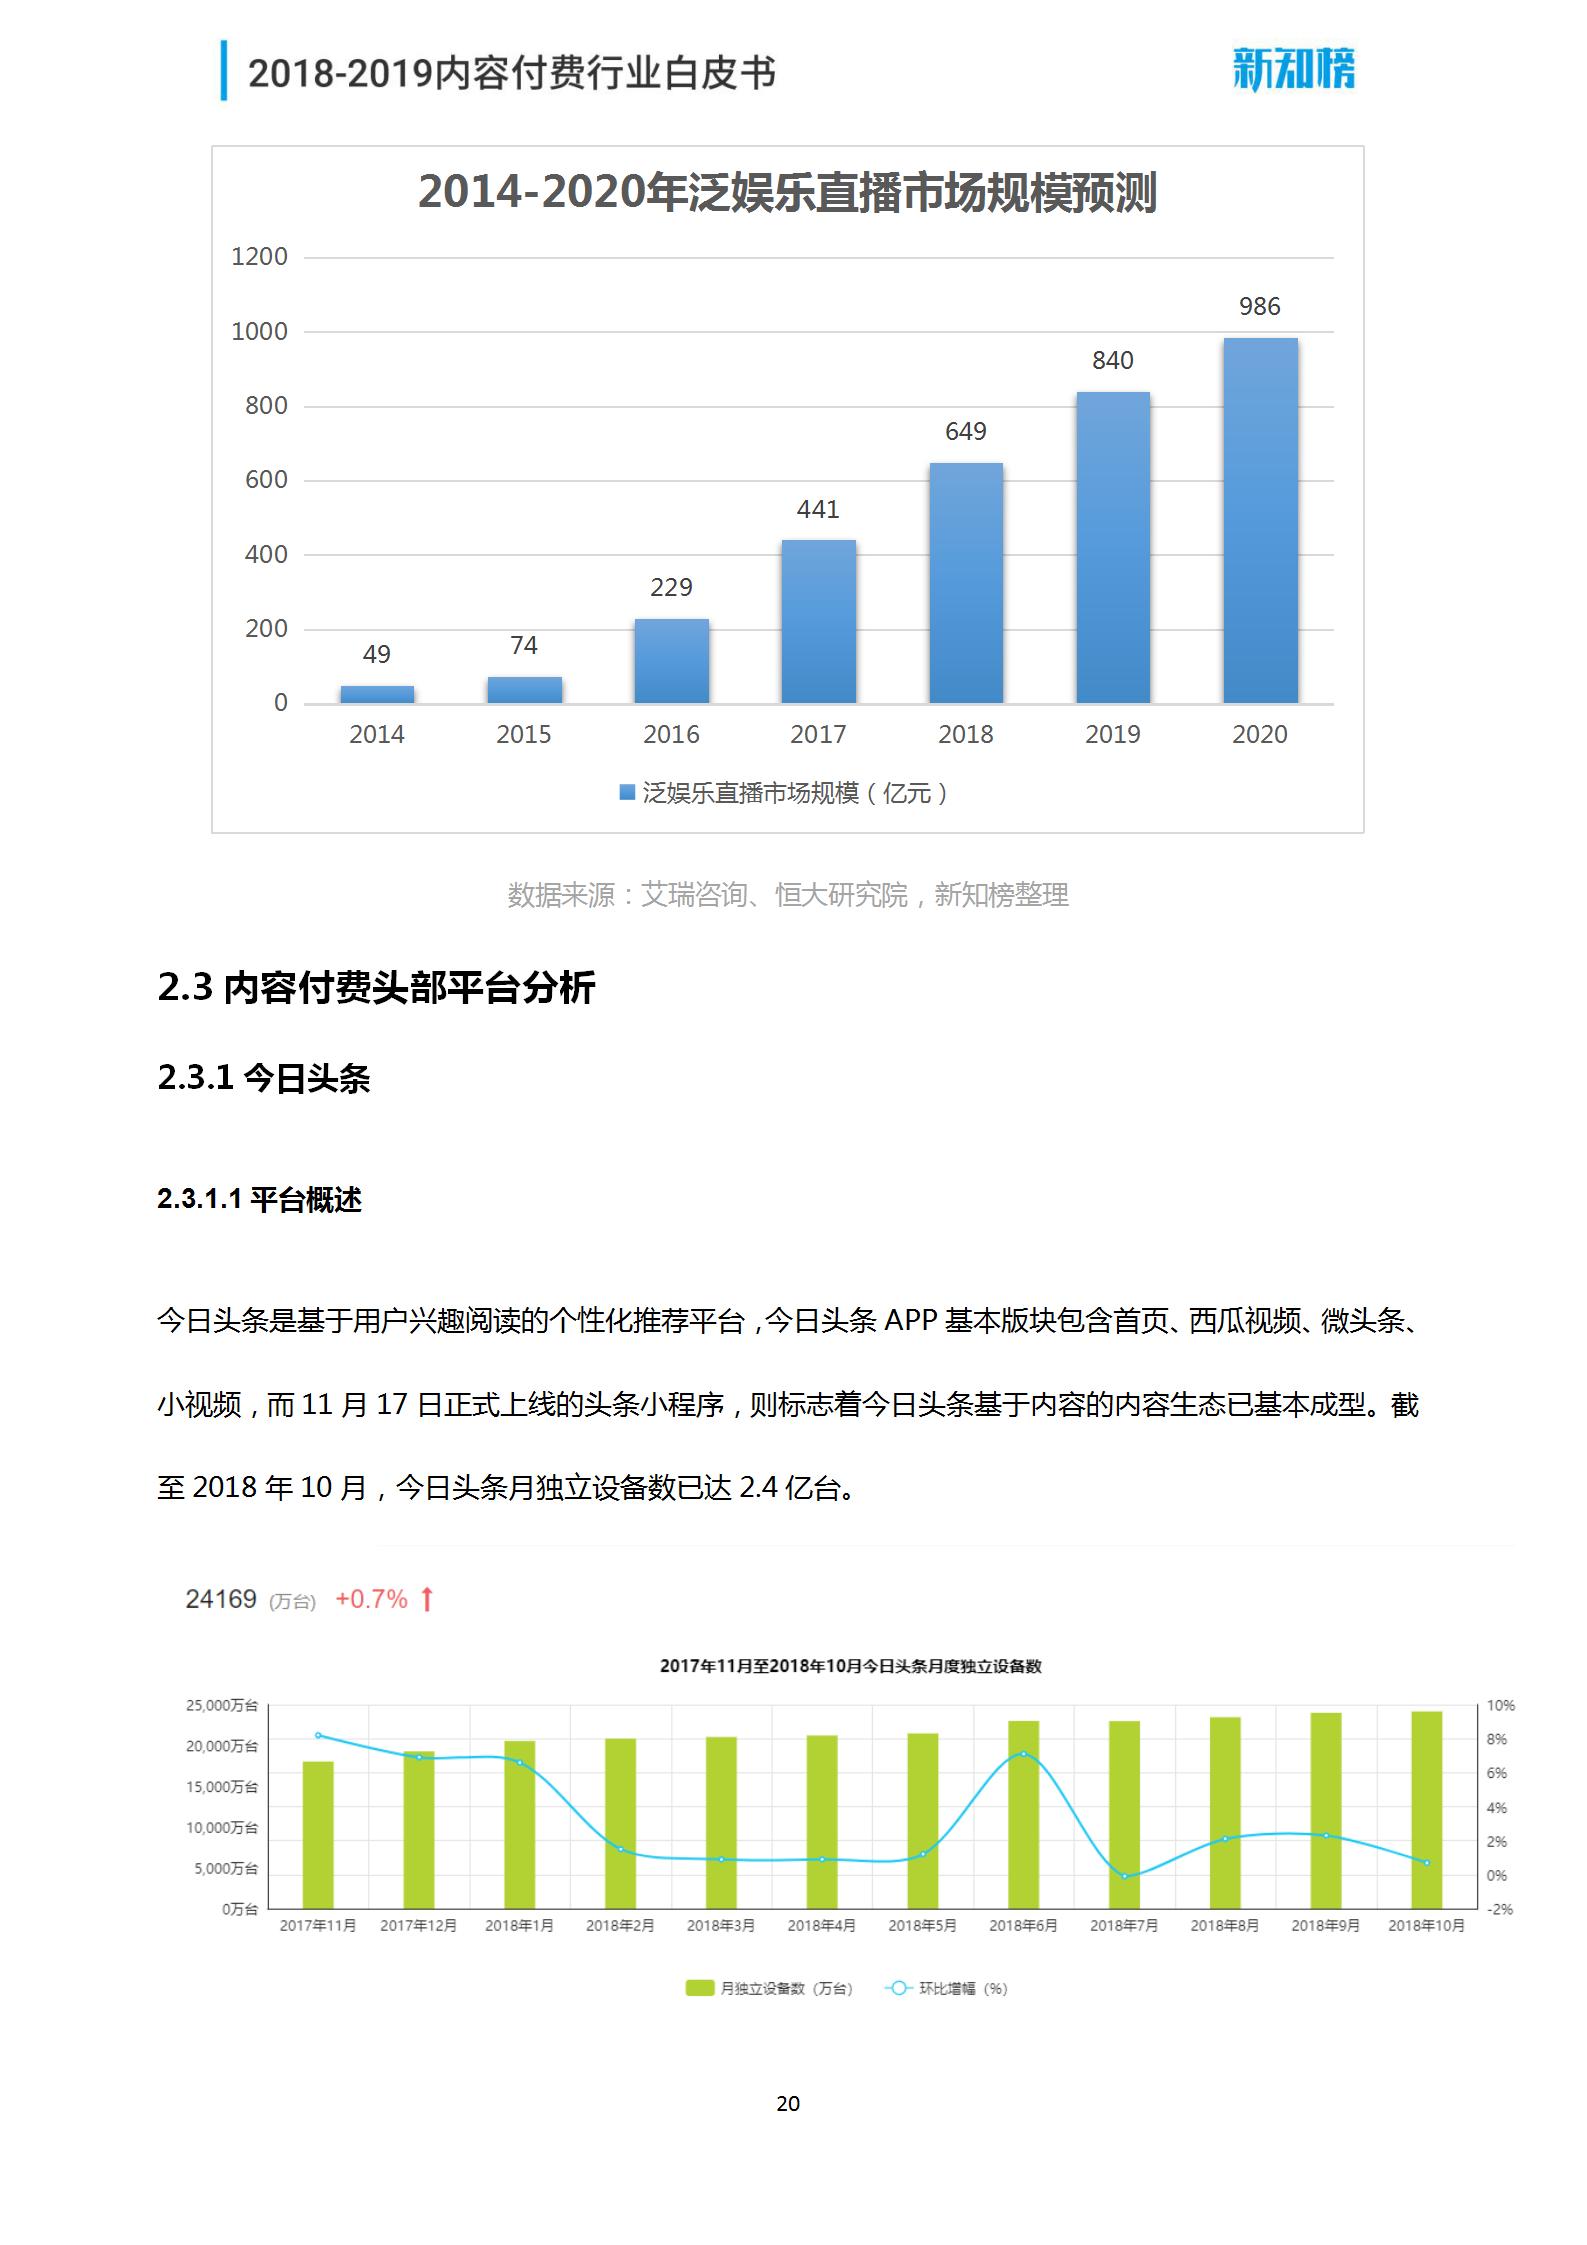 新知榜2018-2019内容付费行业白皮书_20.png